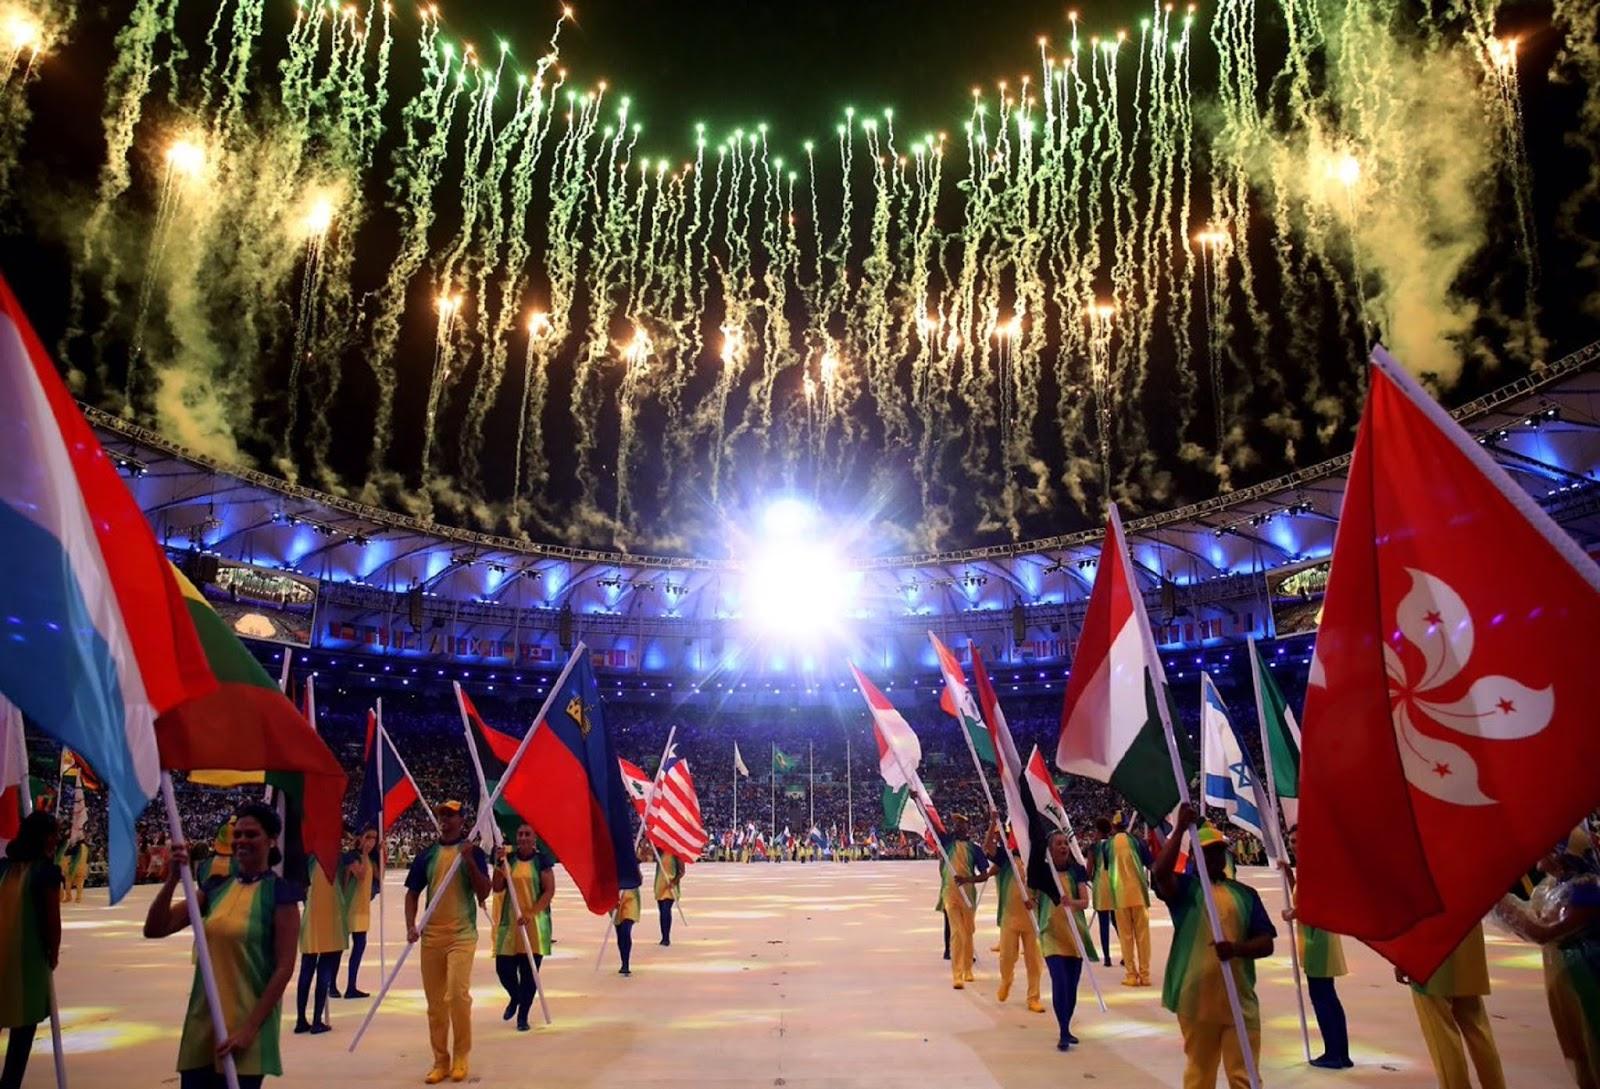 RIO OLYMPICS 2016 CLOSING CEREMONY 3